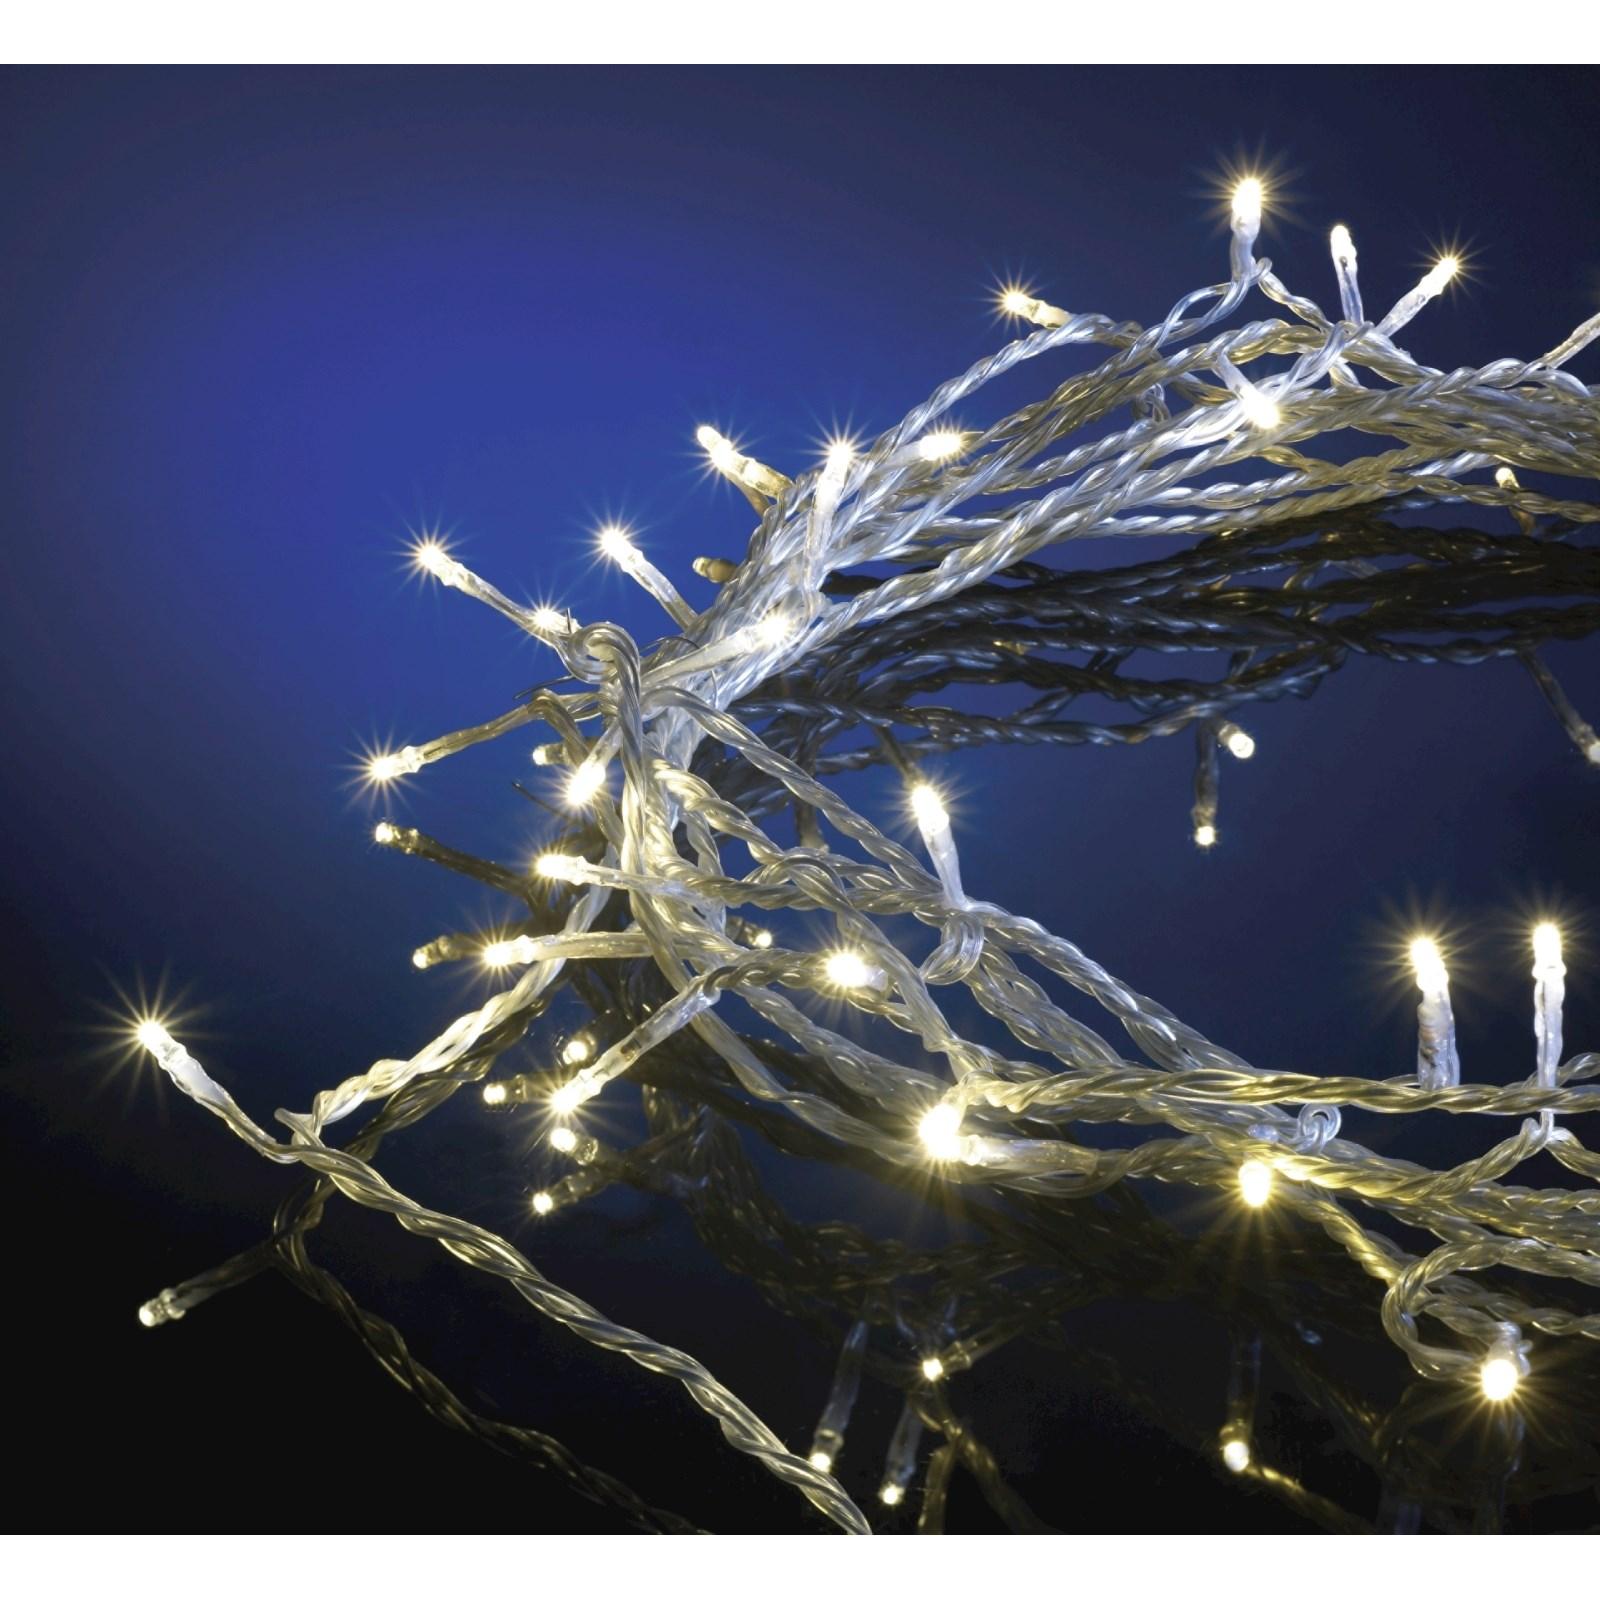 Weihnachtsbeleuchtung Auf Rechnung.Lichterkette Led 14 M Weihnachtsbeleuchtung Landi